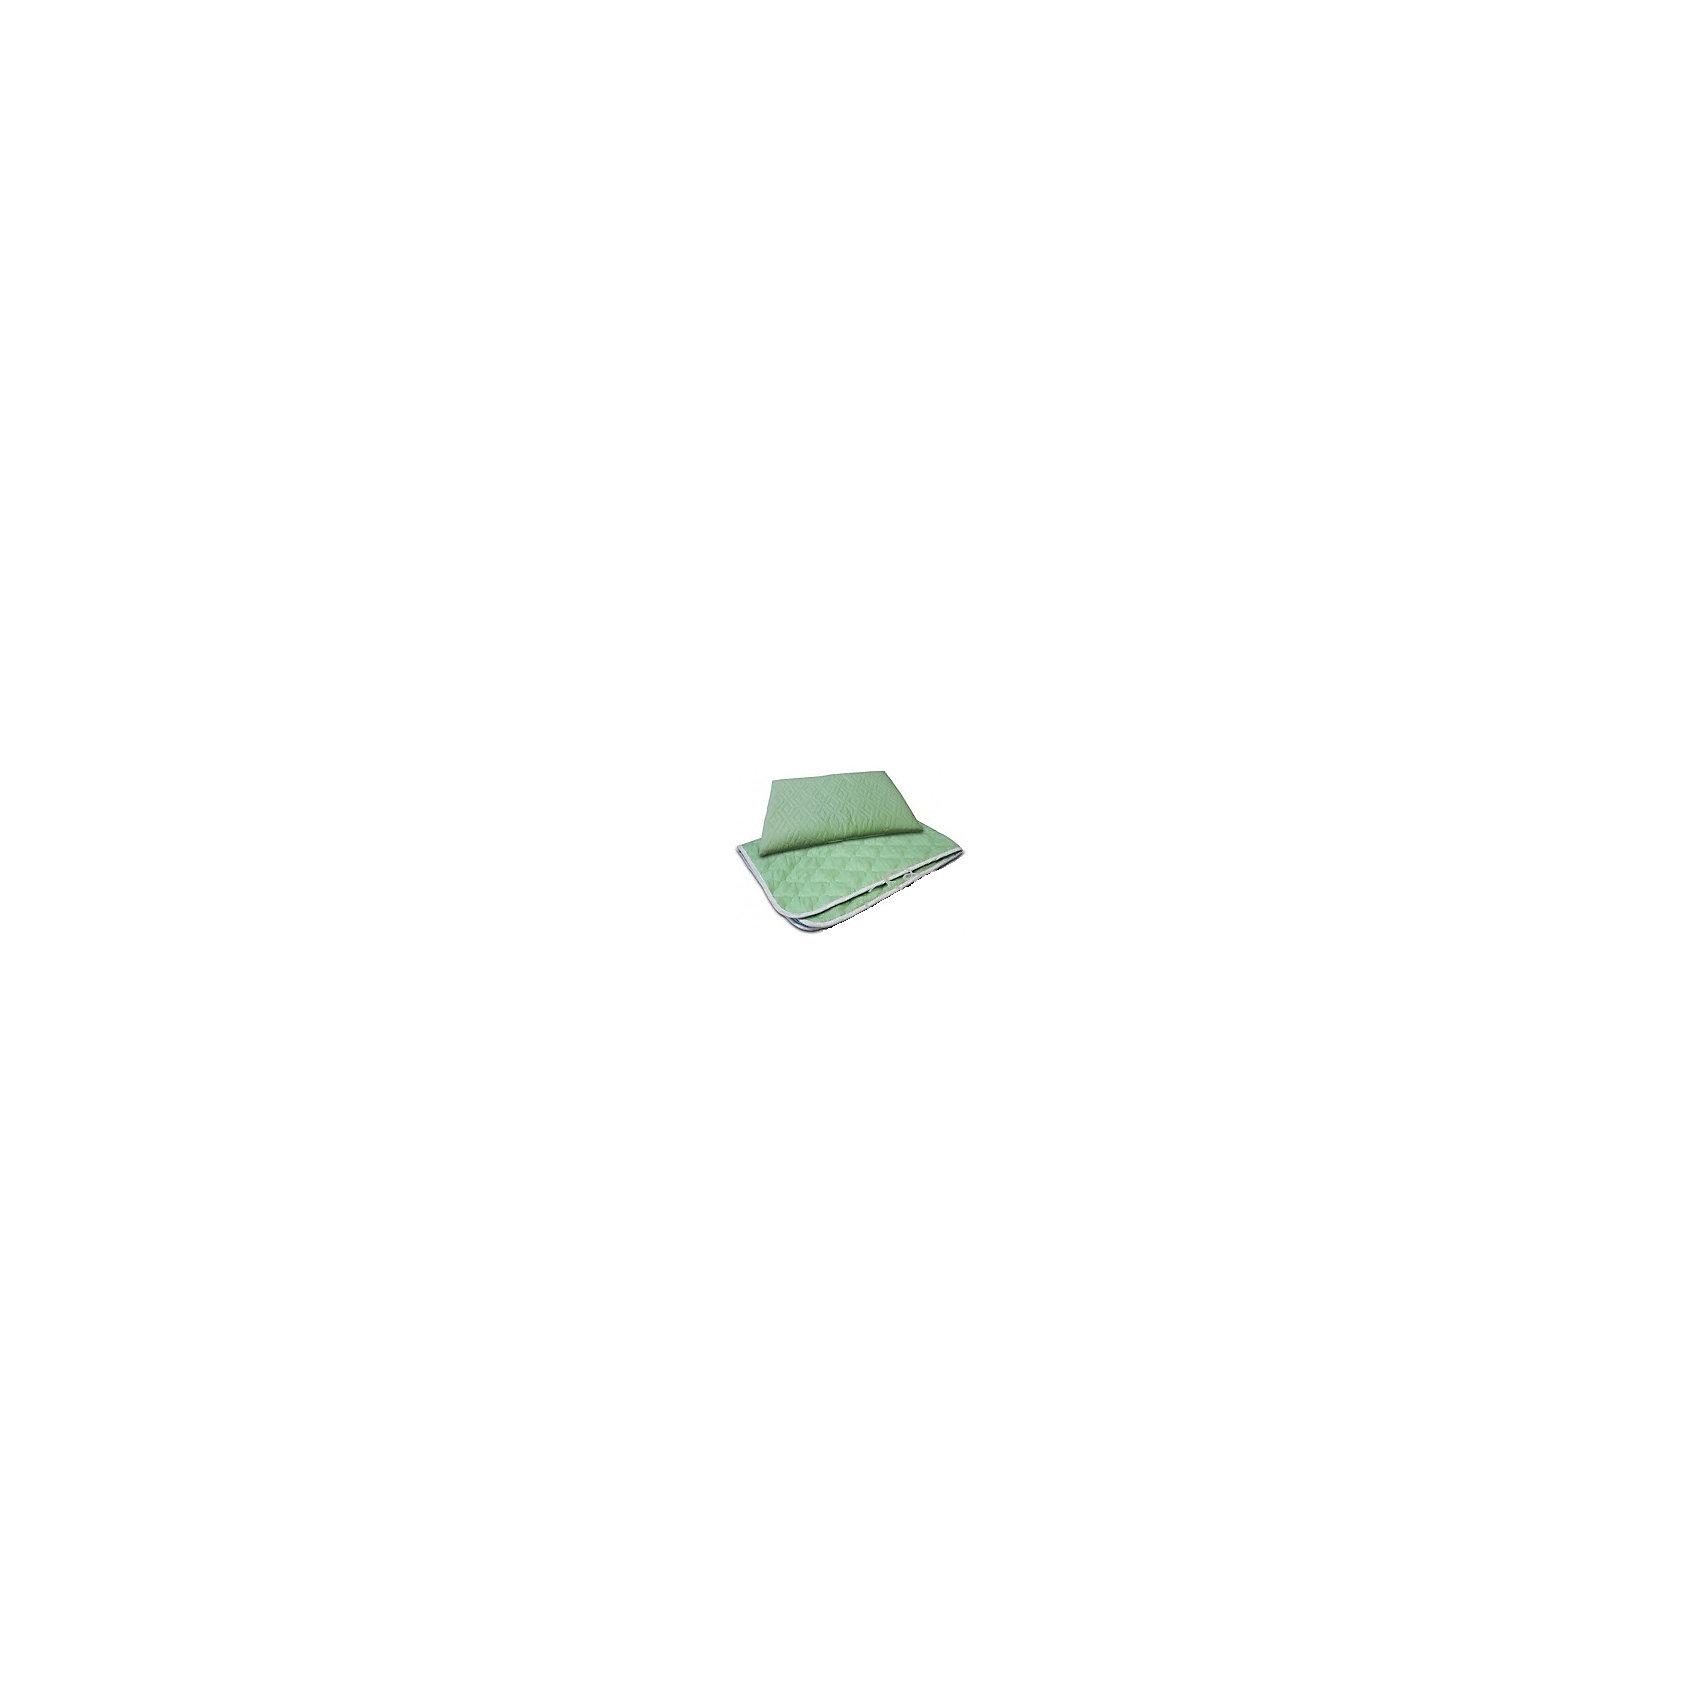 Комплект (одеяло+подушка) Бамбук SB-BP10, Sweet BabyОдеяла, пледы<br>Характеристики товара:<br>• цвет: зеленый<br>• сезон: всесезонное<br>• комплект: одеяло, подушка<br>• наполнитель: бамбуковое волокно<br>• ткань: микрофайбер стеганый<br>• размер одеяла: 110х140 см<br>• размер подушки: 40х60 см<br>• рекомендована ручная стирка при 40? С<br><br>Комплект (одеяло+подушка) Бамбук, Sweet Babyможно купить в нашем интернет-магазине.<br><br>Ширина мм: 400<br>Глубина мм: 200<br>Высота мм: 600<br>Вес г: 1500<br>Возраст от месяцев: 0<br>Возраст до месяцев: 36<br>Пол: Унисекс<br>Возраст: Детский<br>SKU: 5583590